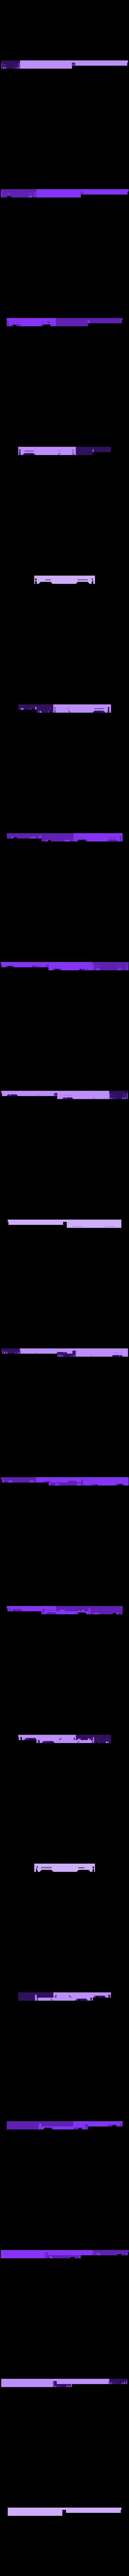 Bulkhead_Wall_03.stl Télécharger fichier STL Murs O'Bulkhead en lots ! - Pour les artisans du spectacle • Objet pour impression 3D, 40Emperor